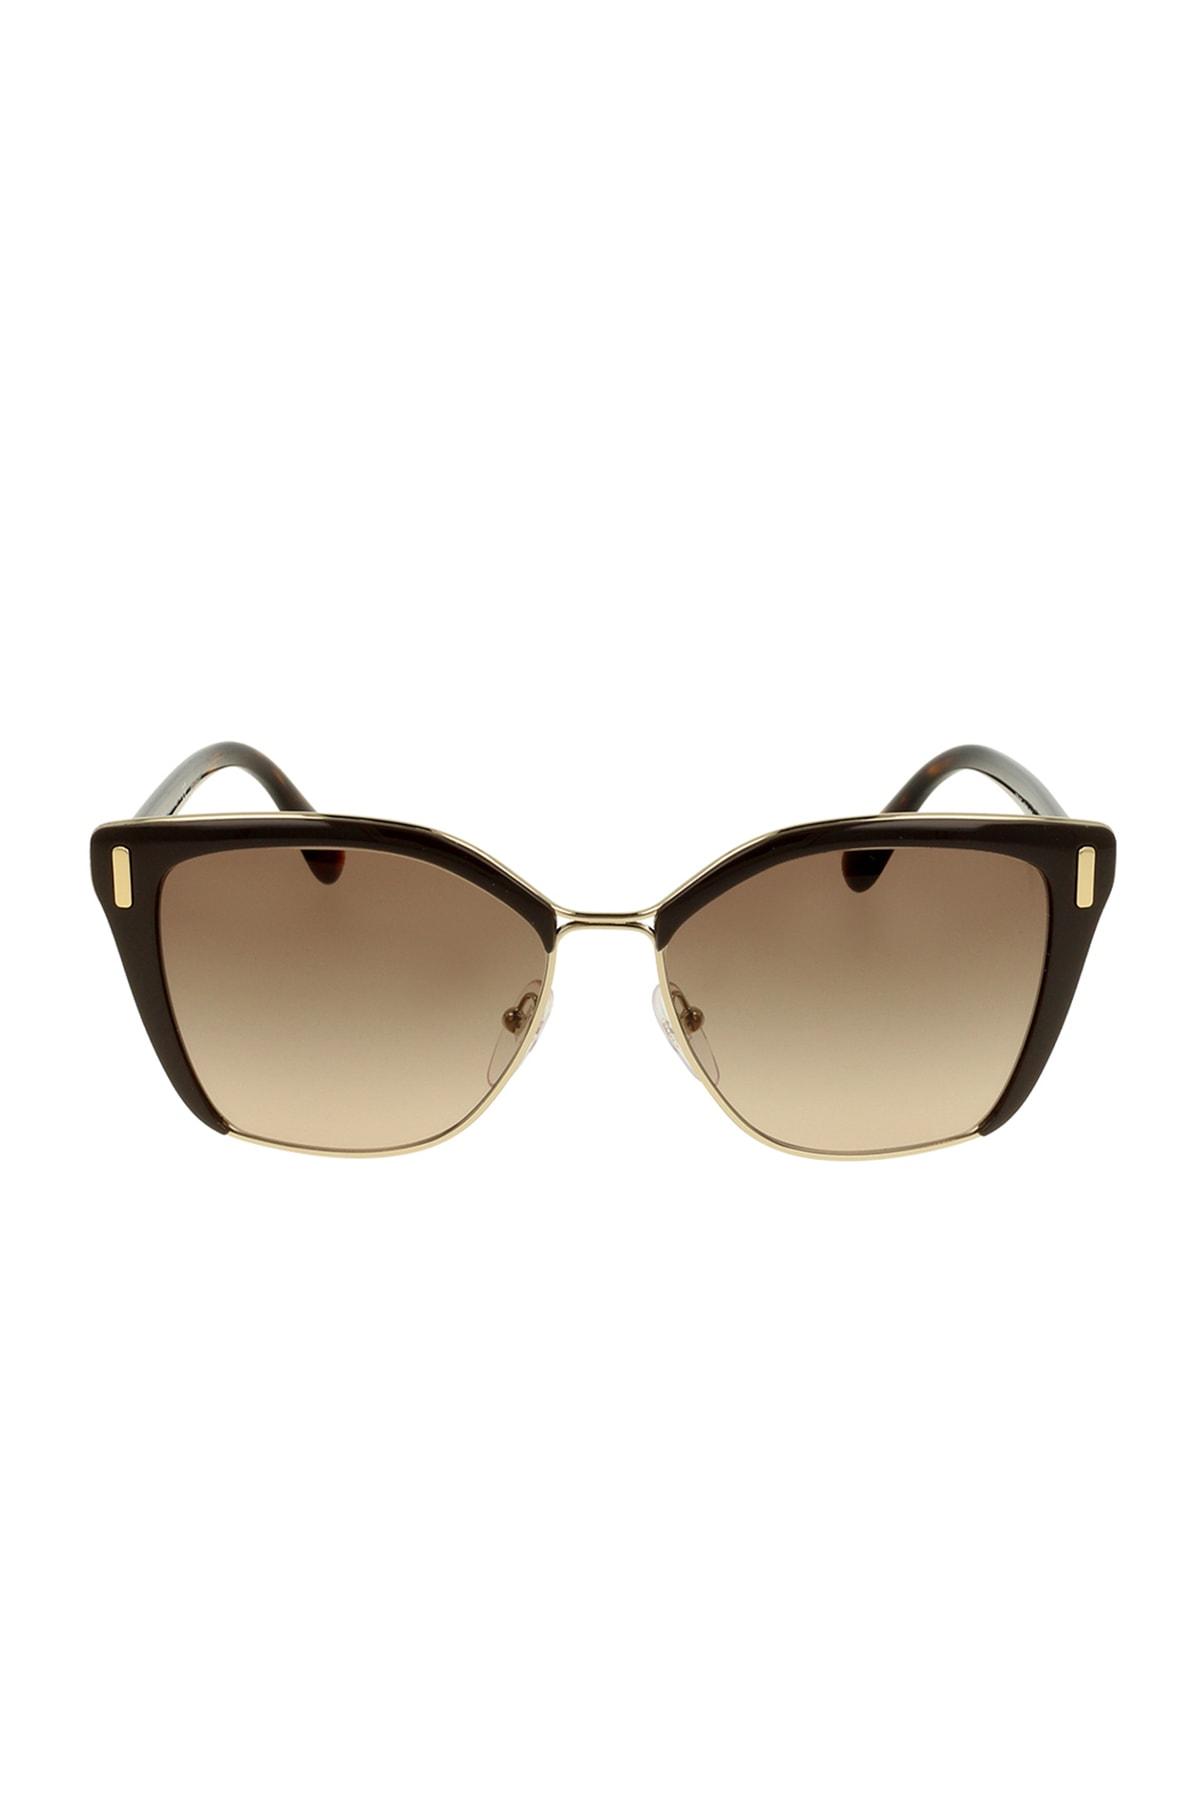 Prada Kadın Güneş Gözlüğü PR 56TS-DHO3D057 1